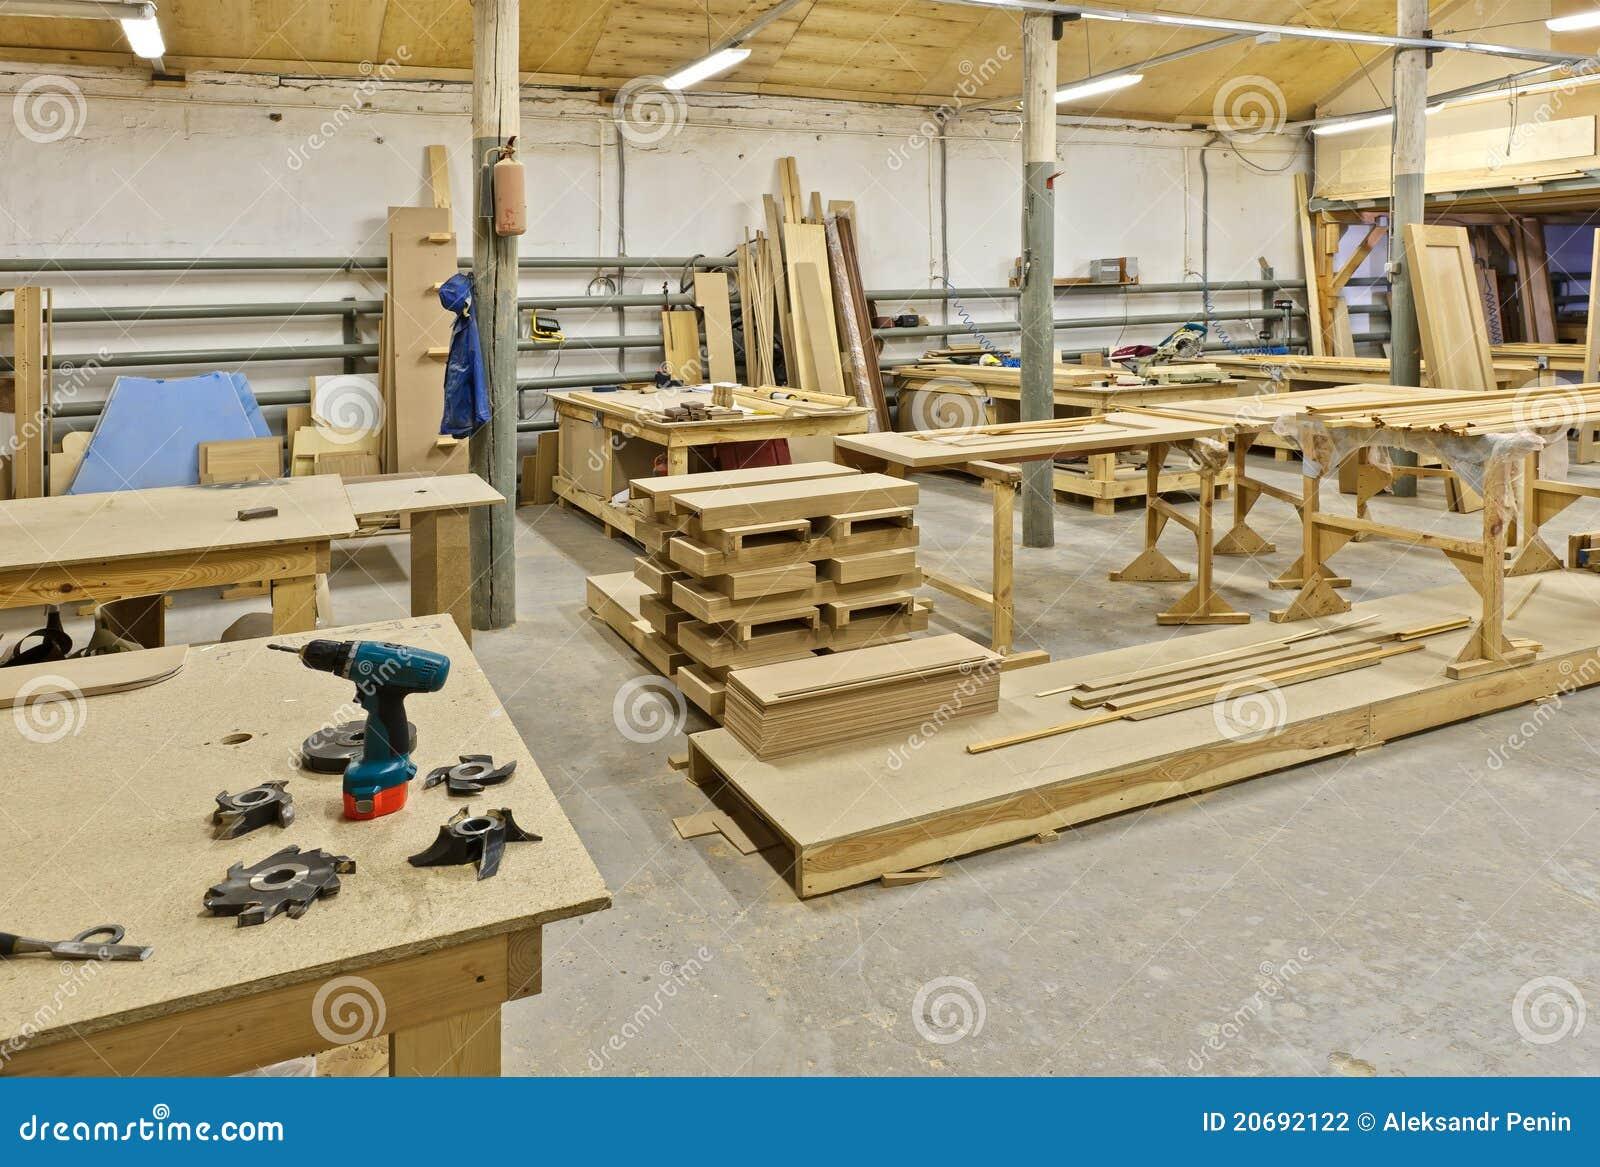 Una planta para la fabricaci n de los muebles foto de for Muebles para plantas